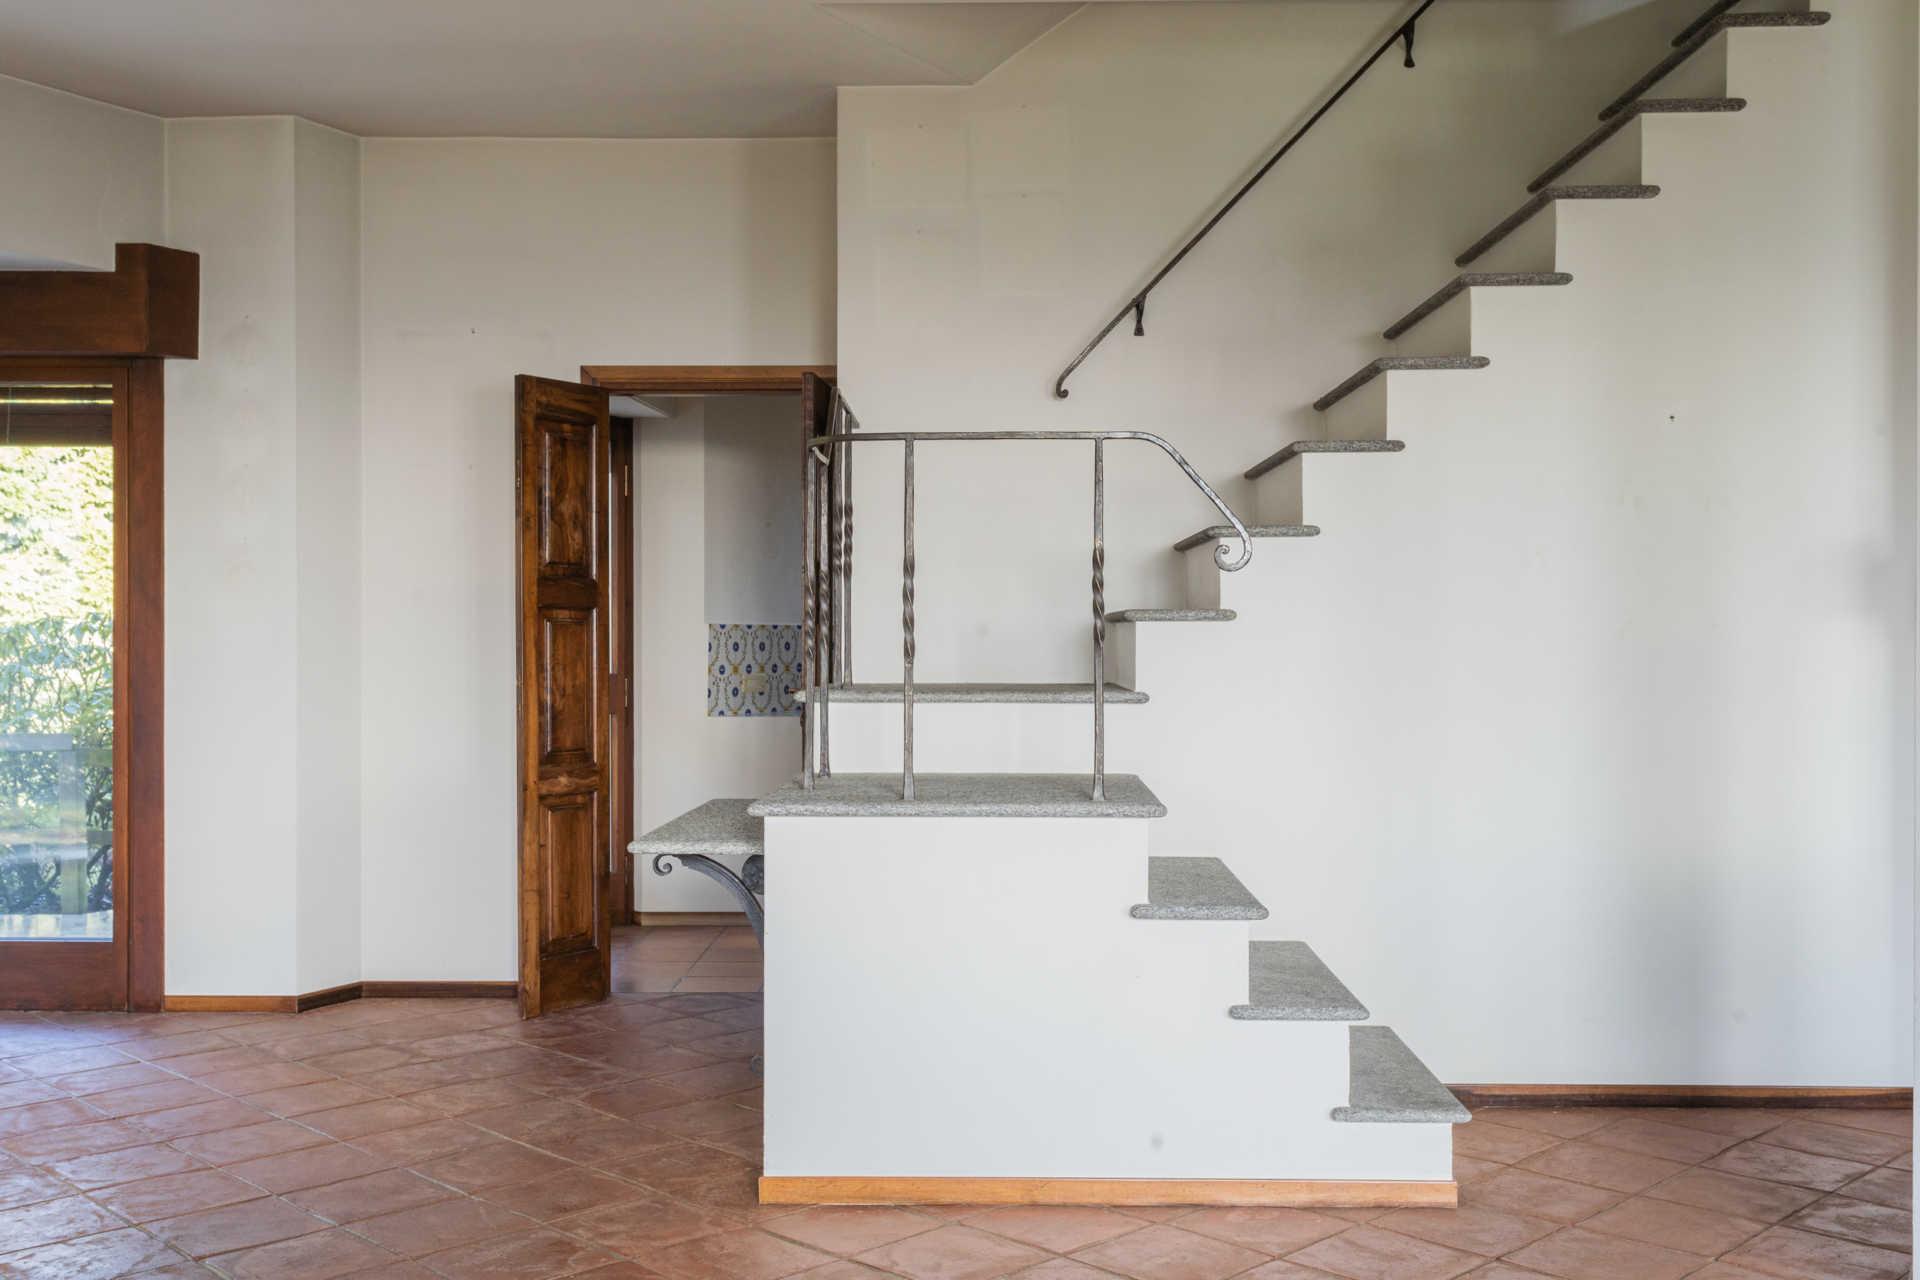 Villa-singola-Carate-Brianza-in-vendita (24)